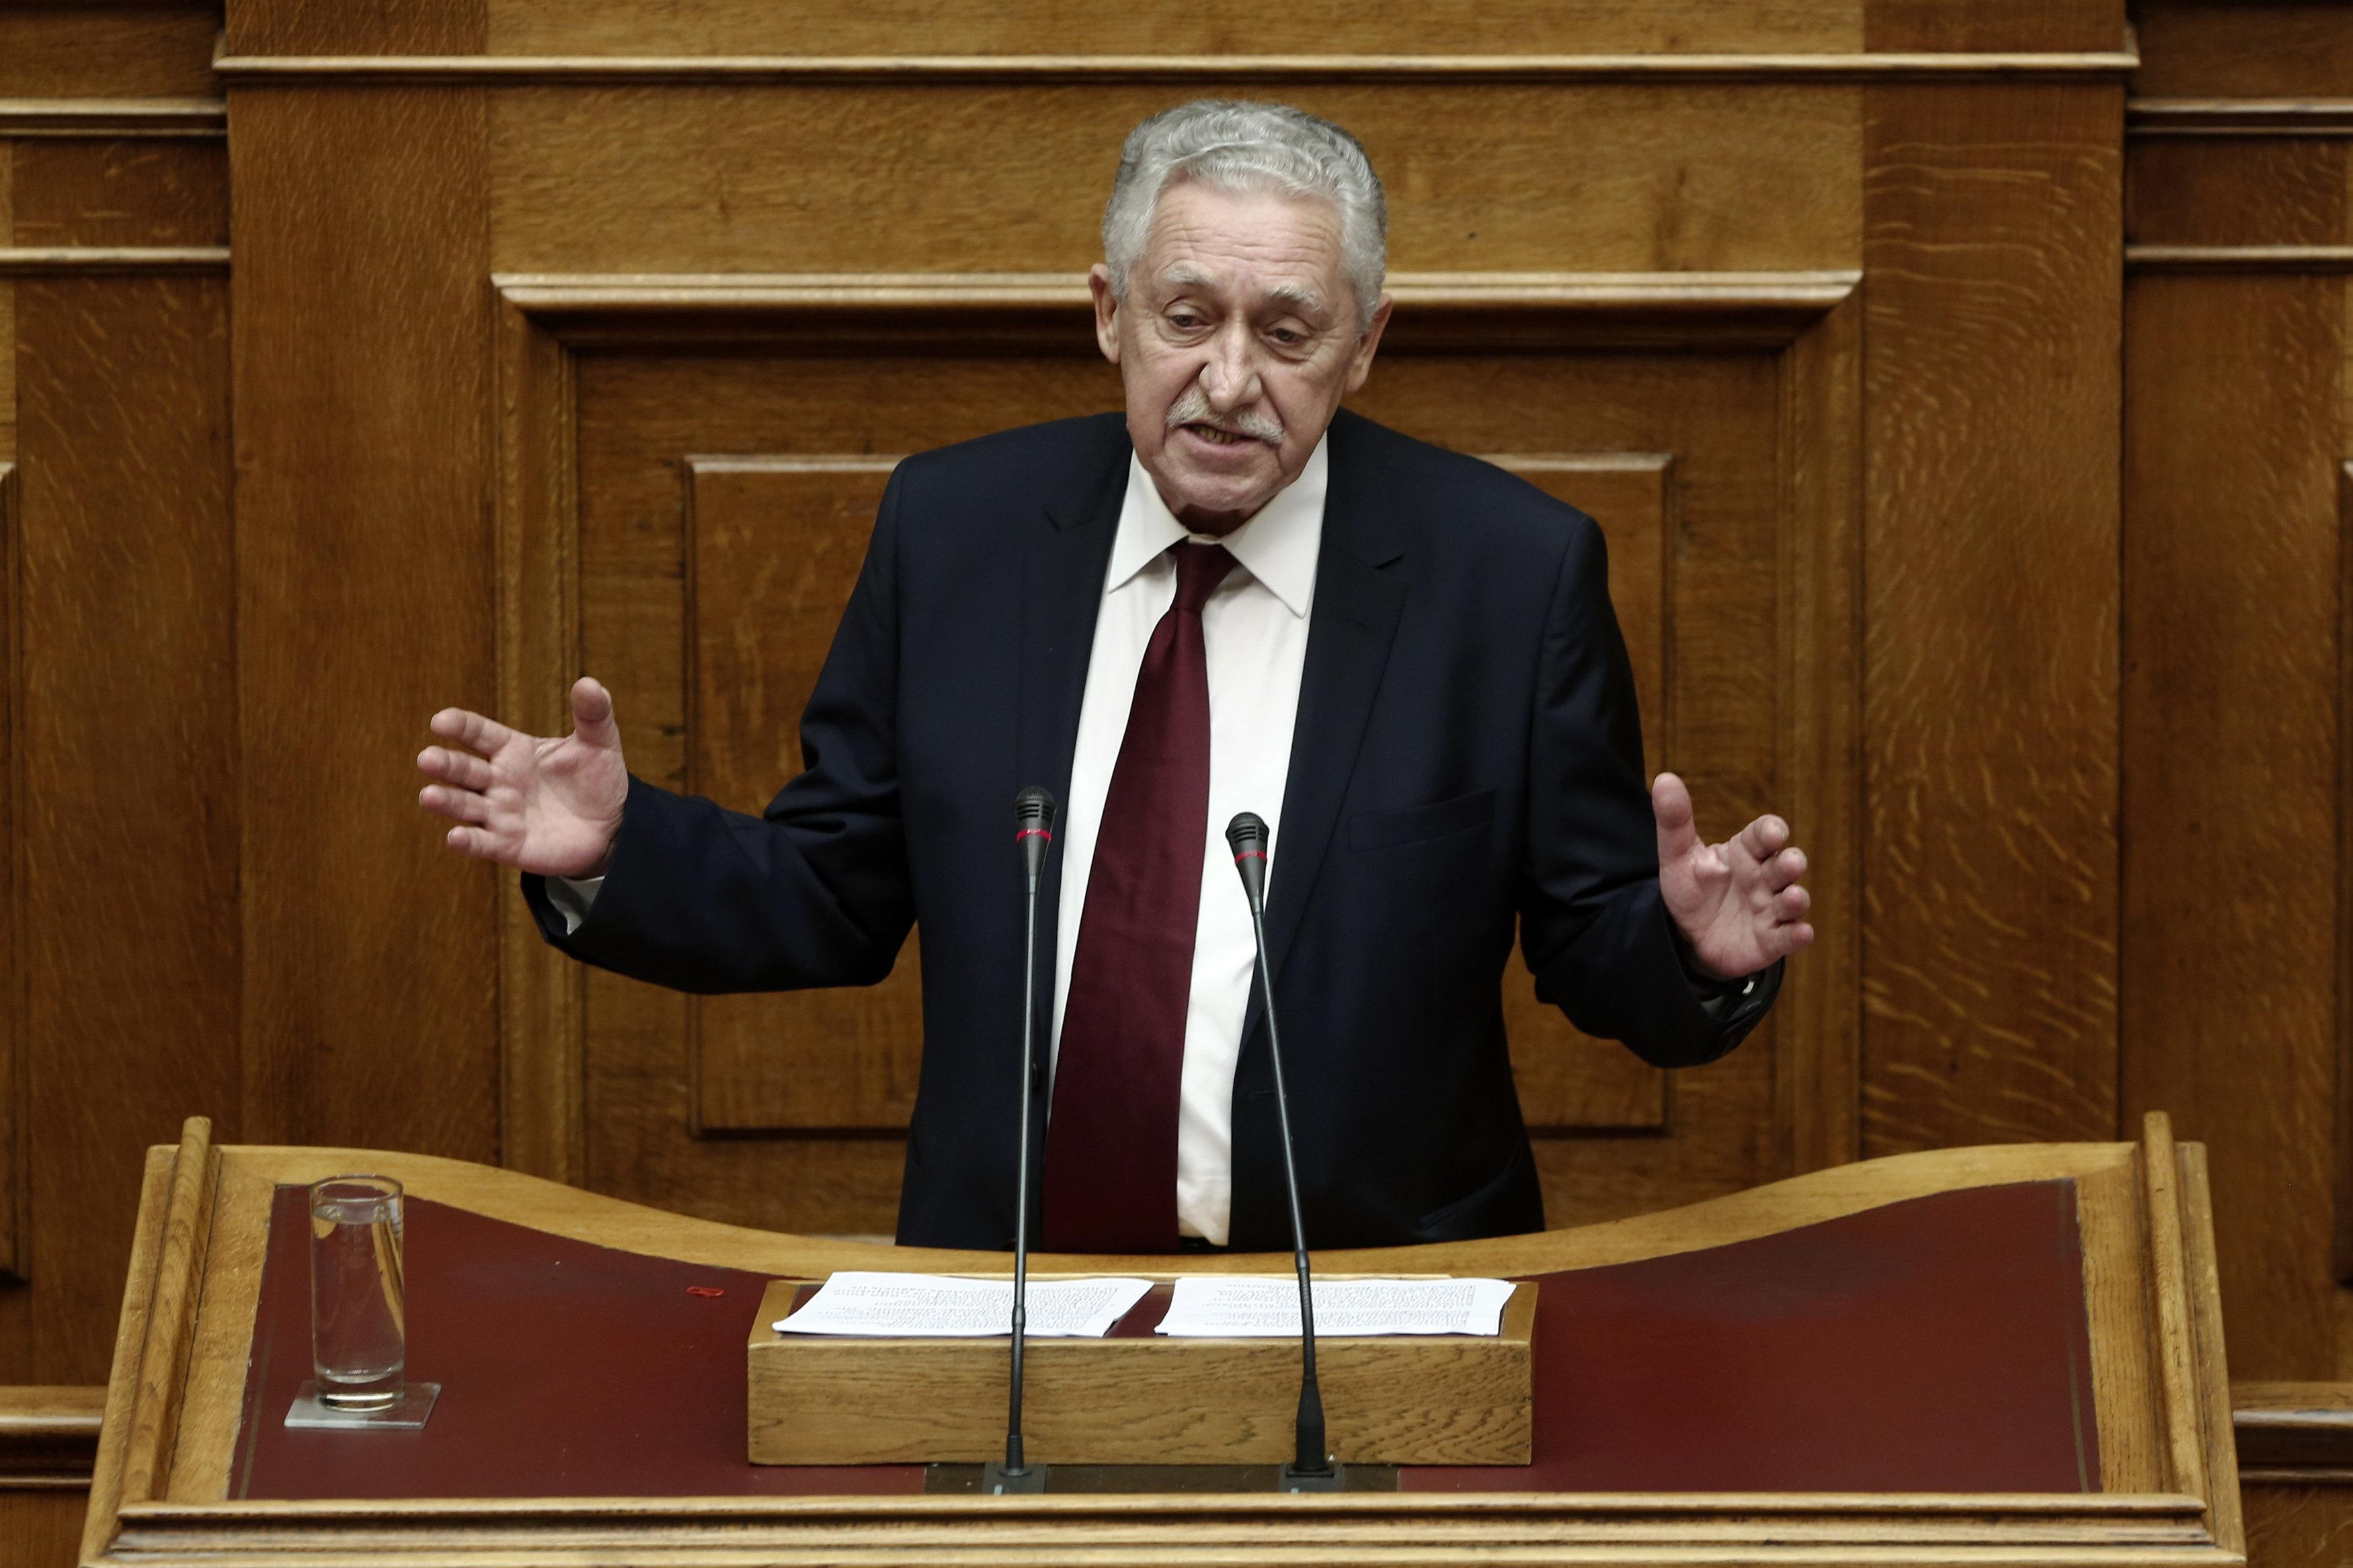 Κουβέλης: «Η υπόθεση των δύο στρατιωτικών εντάσσεται σε μία κλιμακούμενη ένταση που εμείς θέλουμε ν'